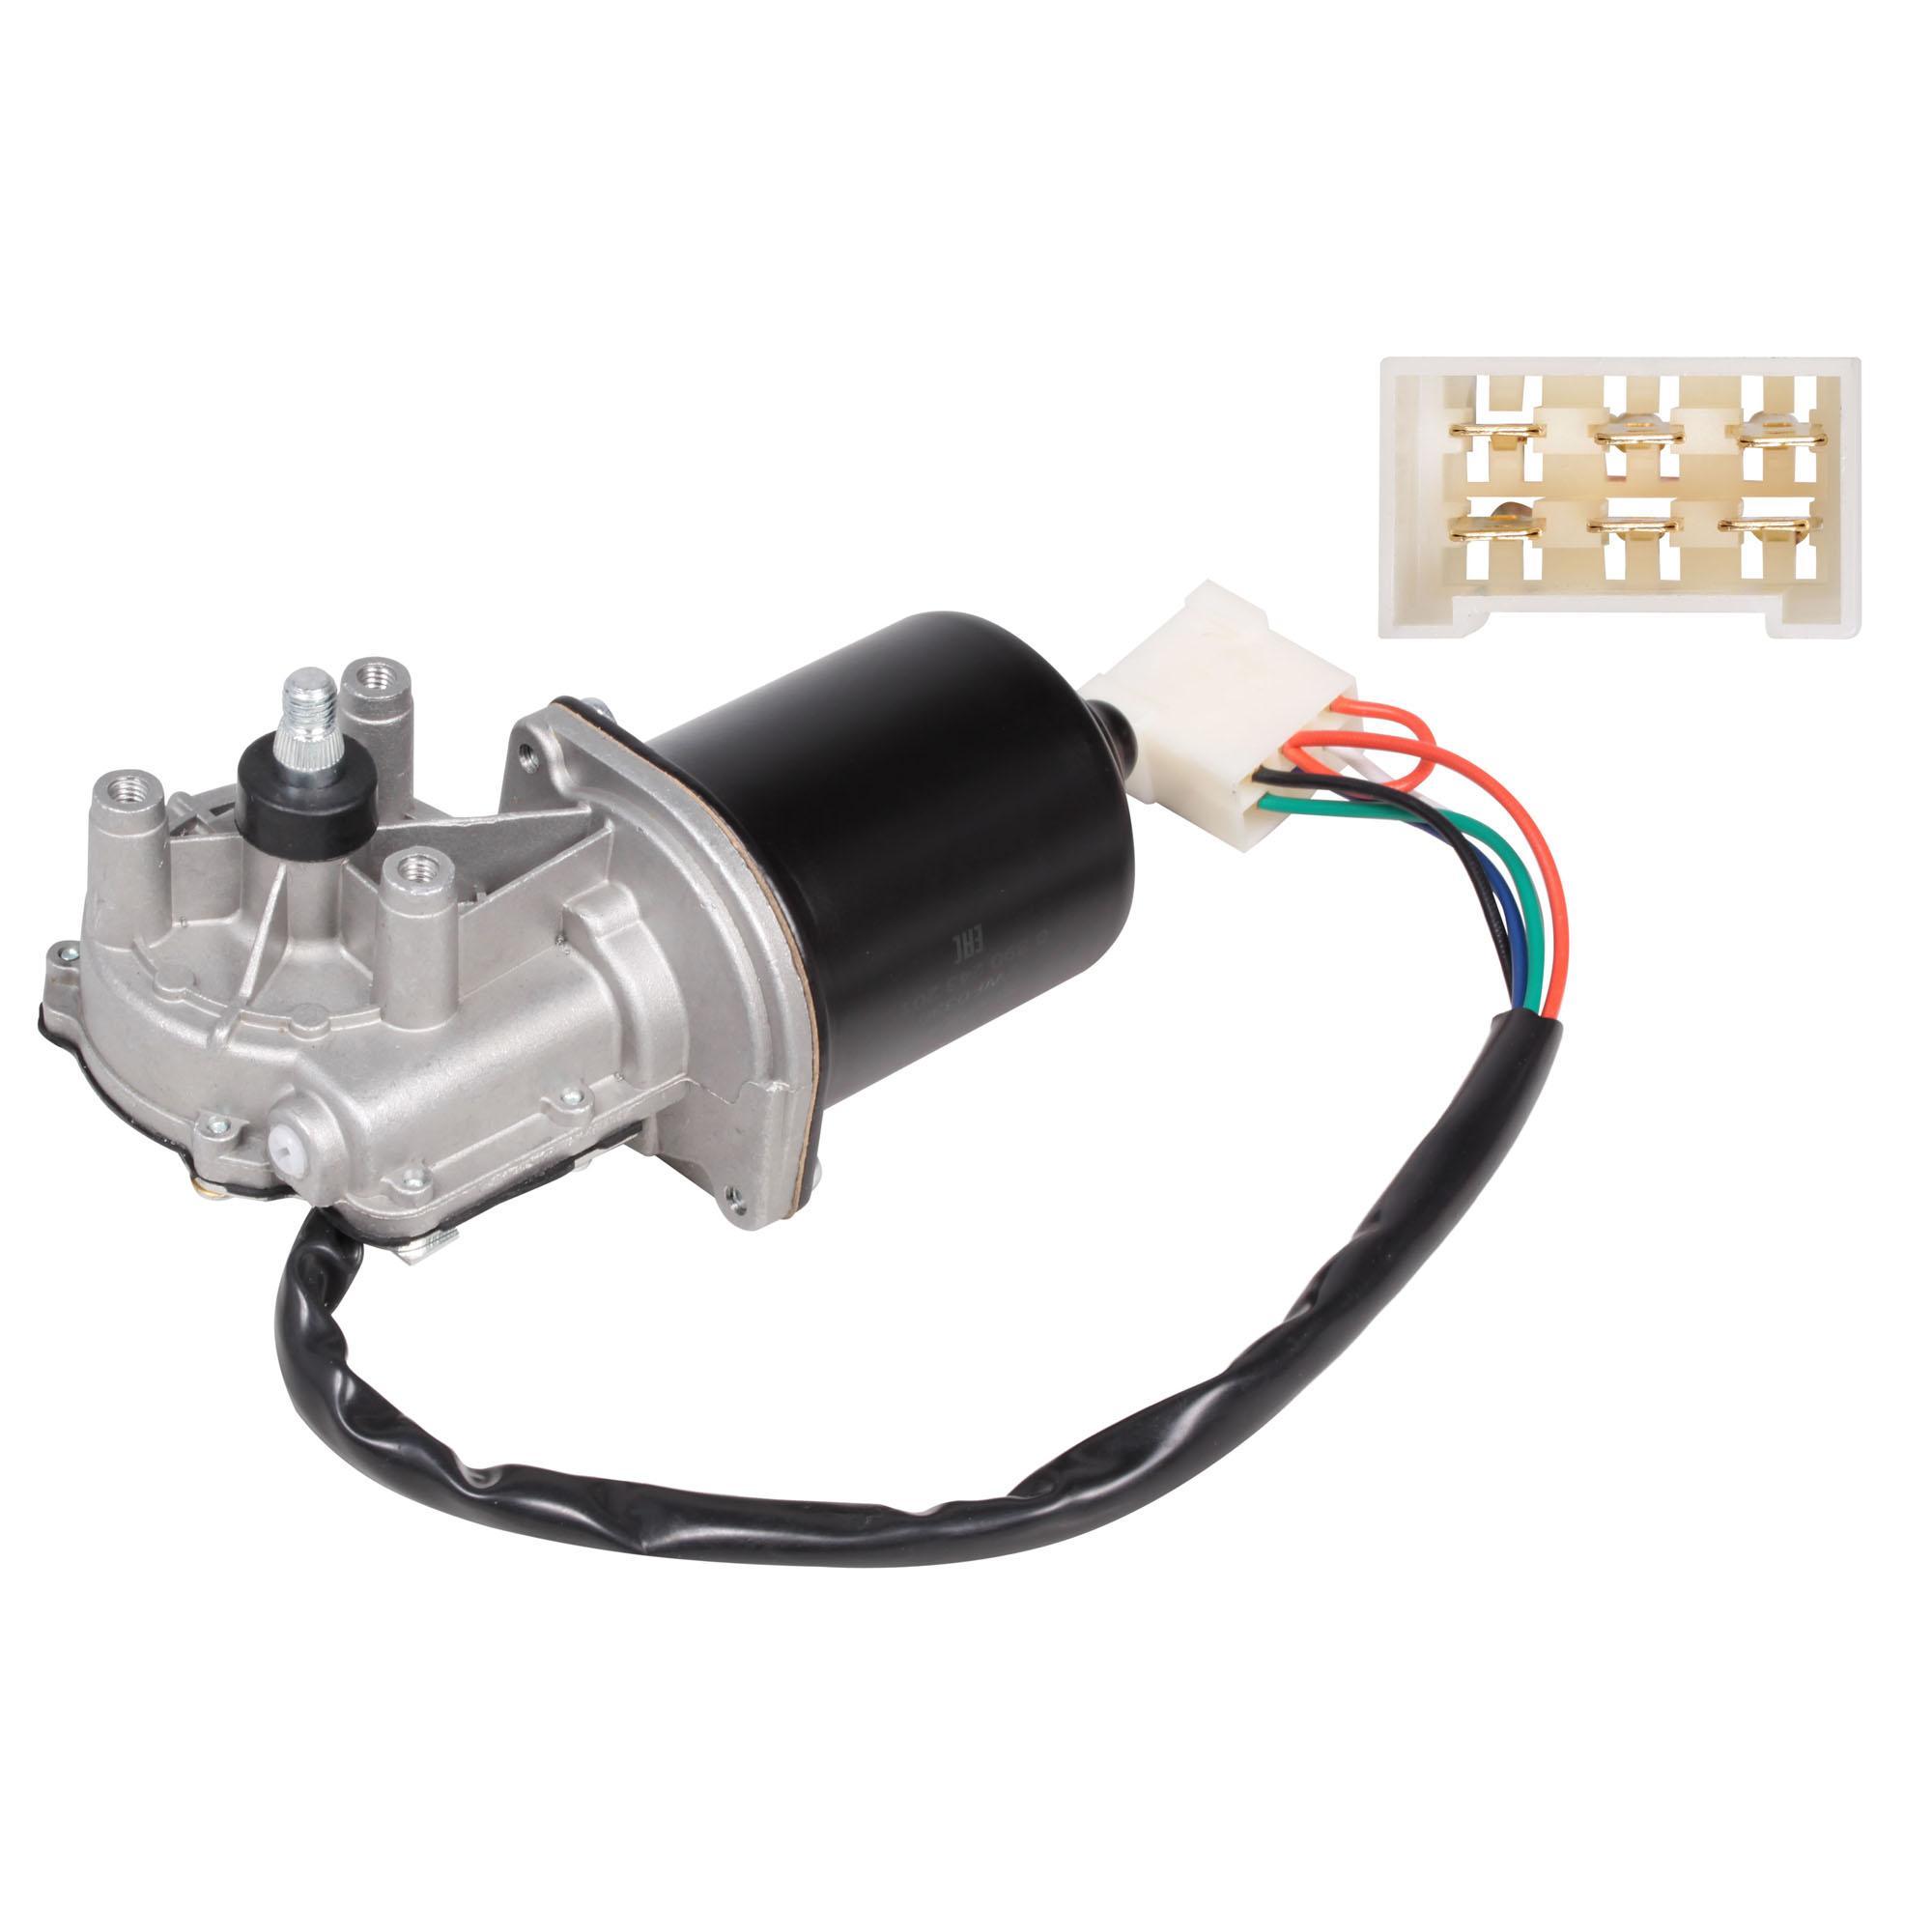 Моторедуктор стеклоочистителя для автомобилей Газель Бизнес (тип